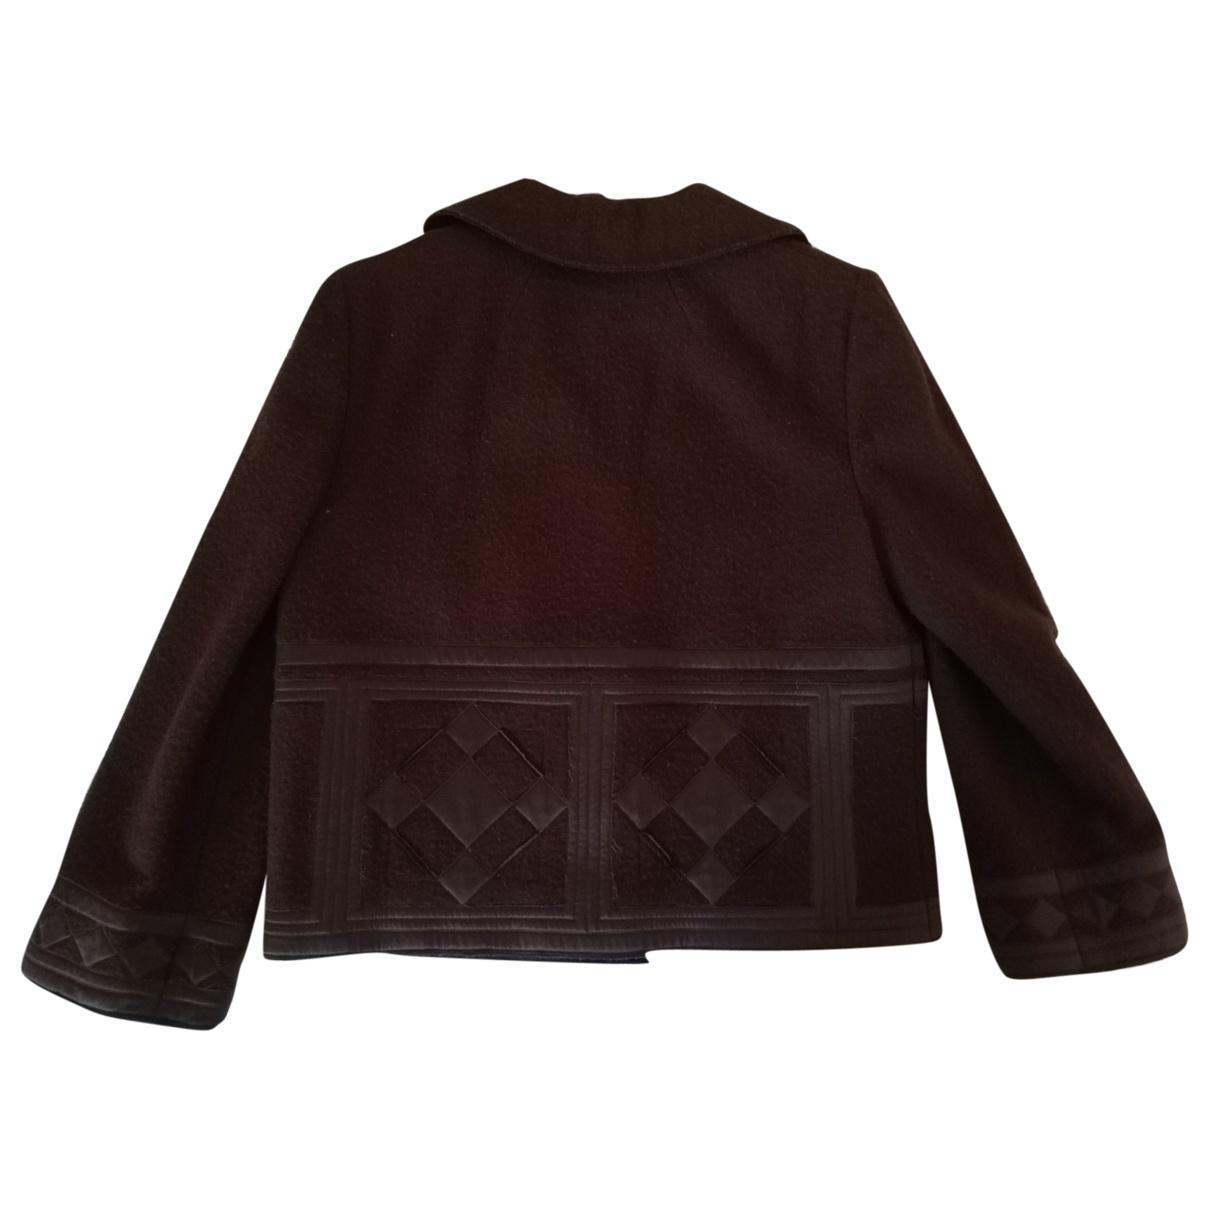 Alberta Ferretti \N Brown Wool jacket for Women 44 IT